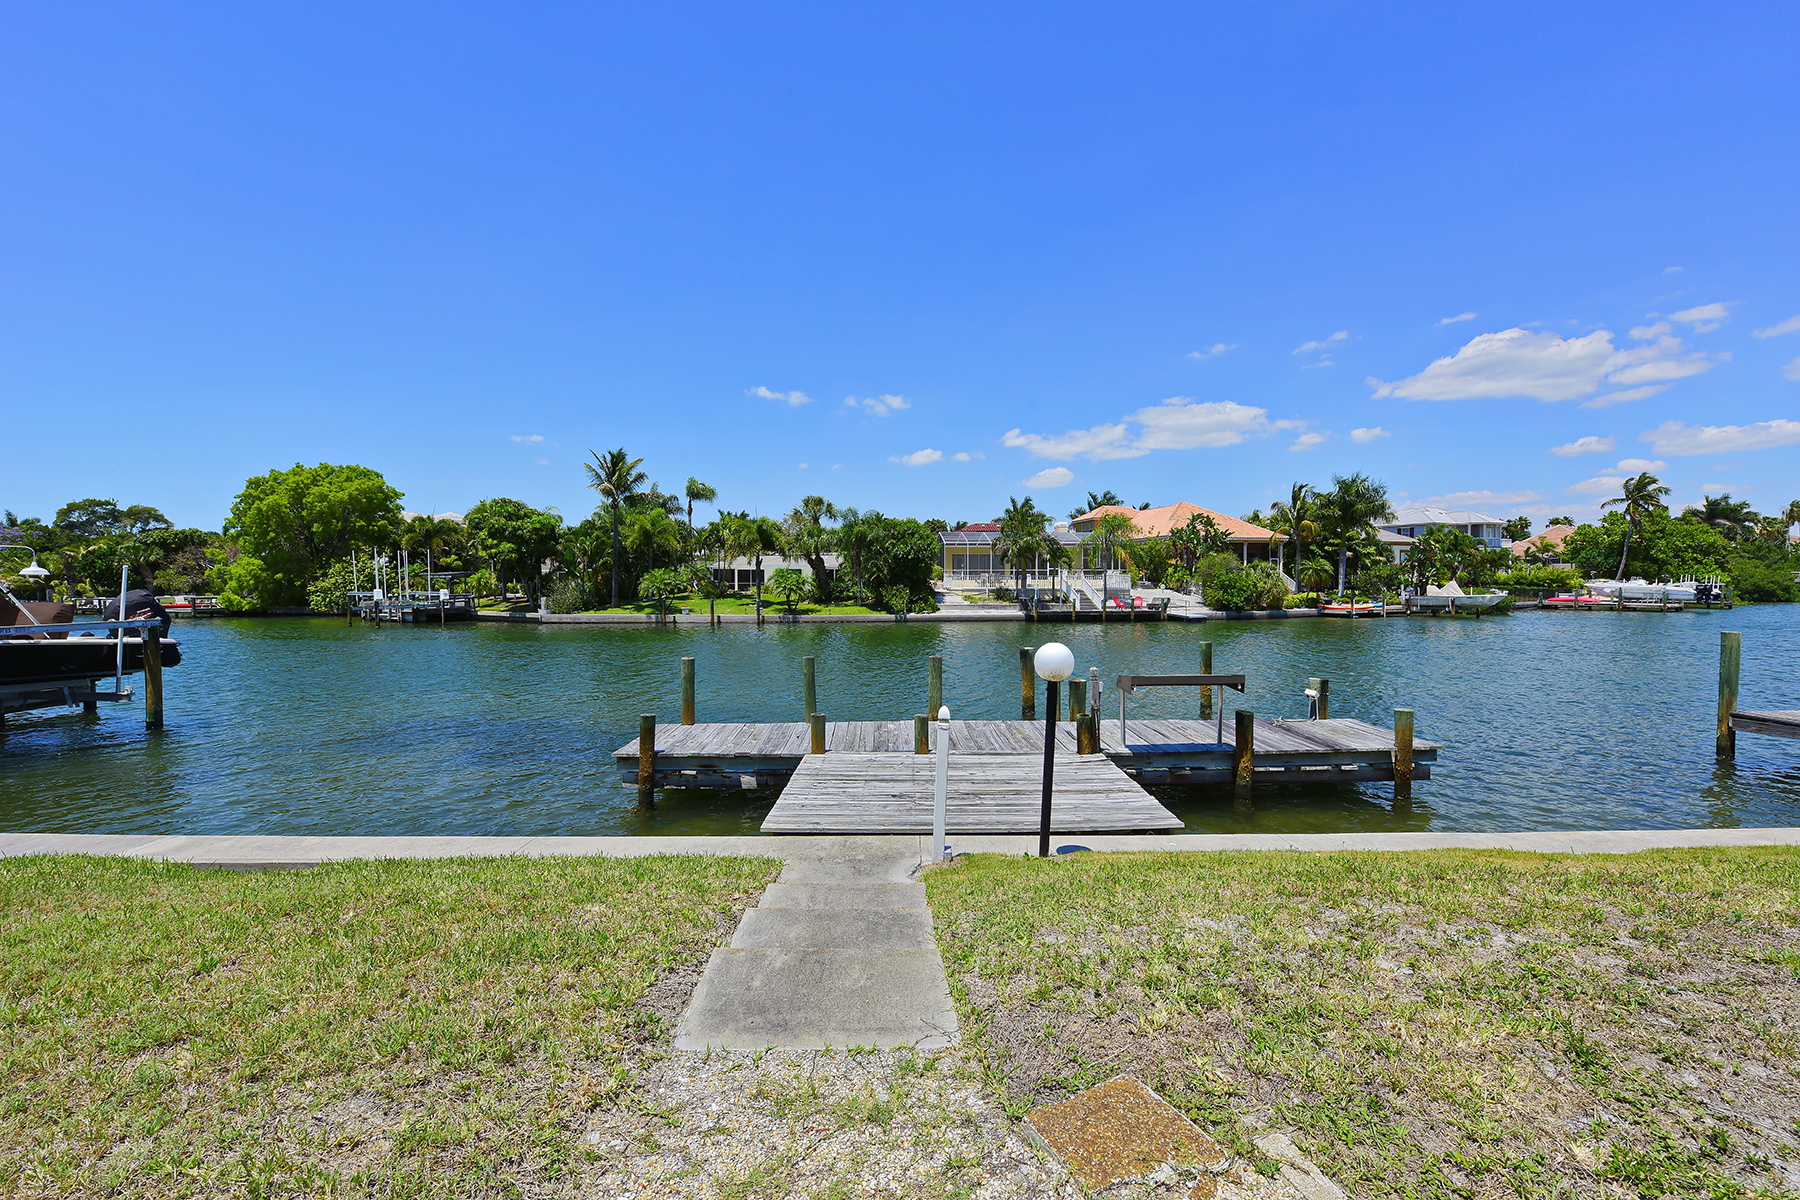 토지 용 매매 에 LIDO BEACH 423 S Polk Dr 9 Sarasota, 플로리다 34236 미국